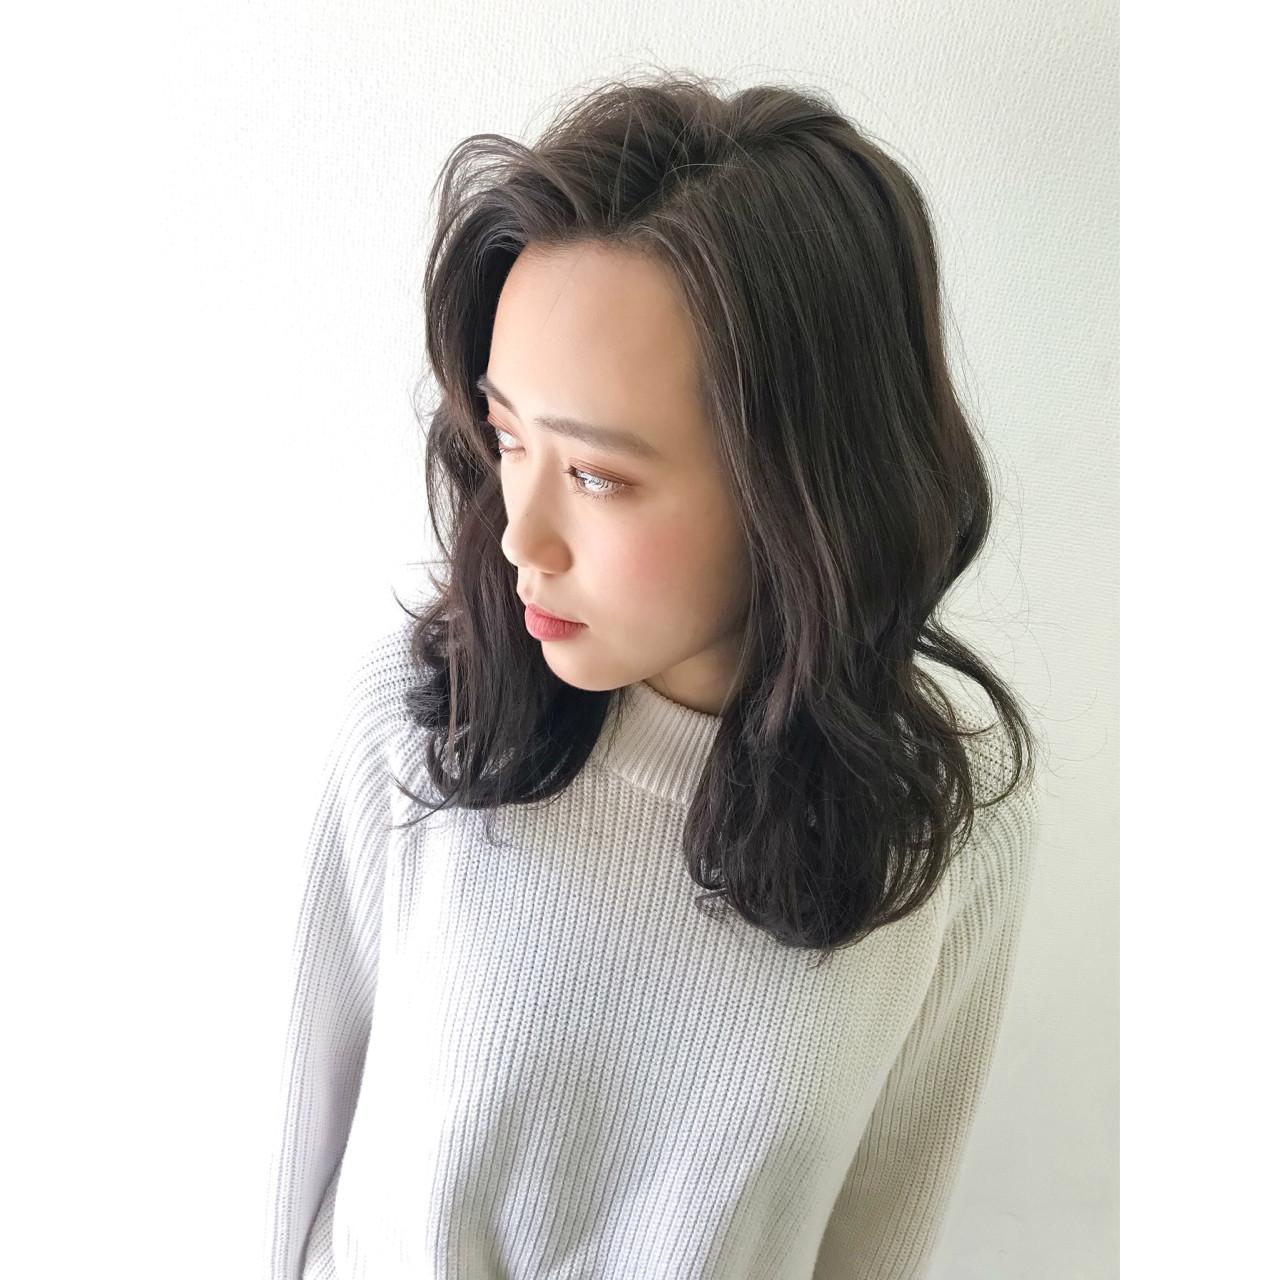 アッシュベージュ アンニュイ ミディアム ハイライト ヘアスタイルや髪型の写真・画像